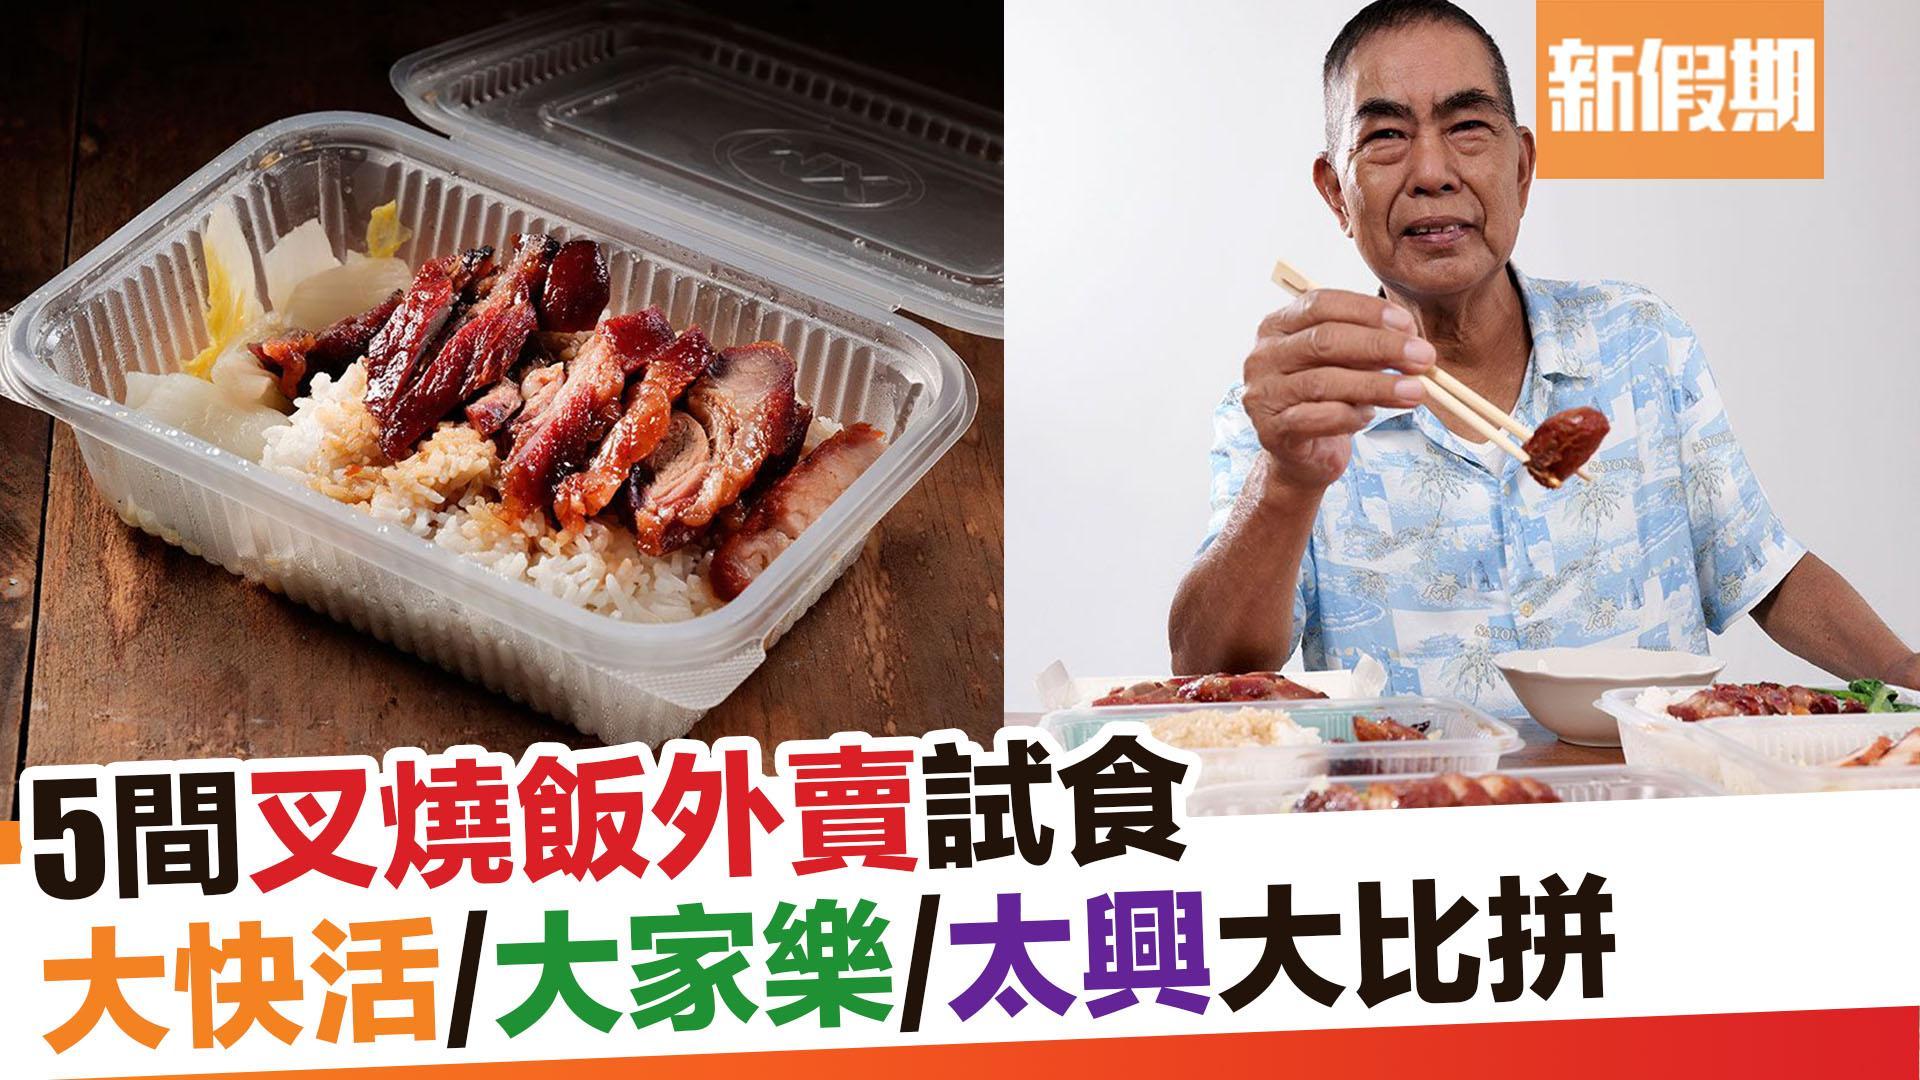 【外賣食乜好】叉燒飯外賣Top 5 新假期